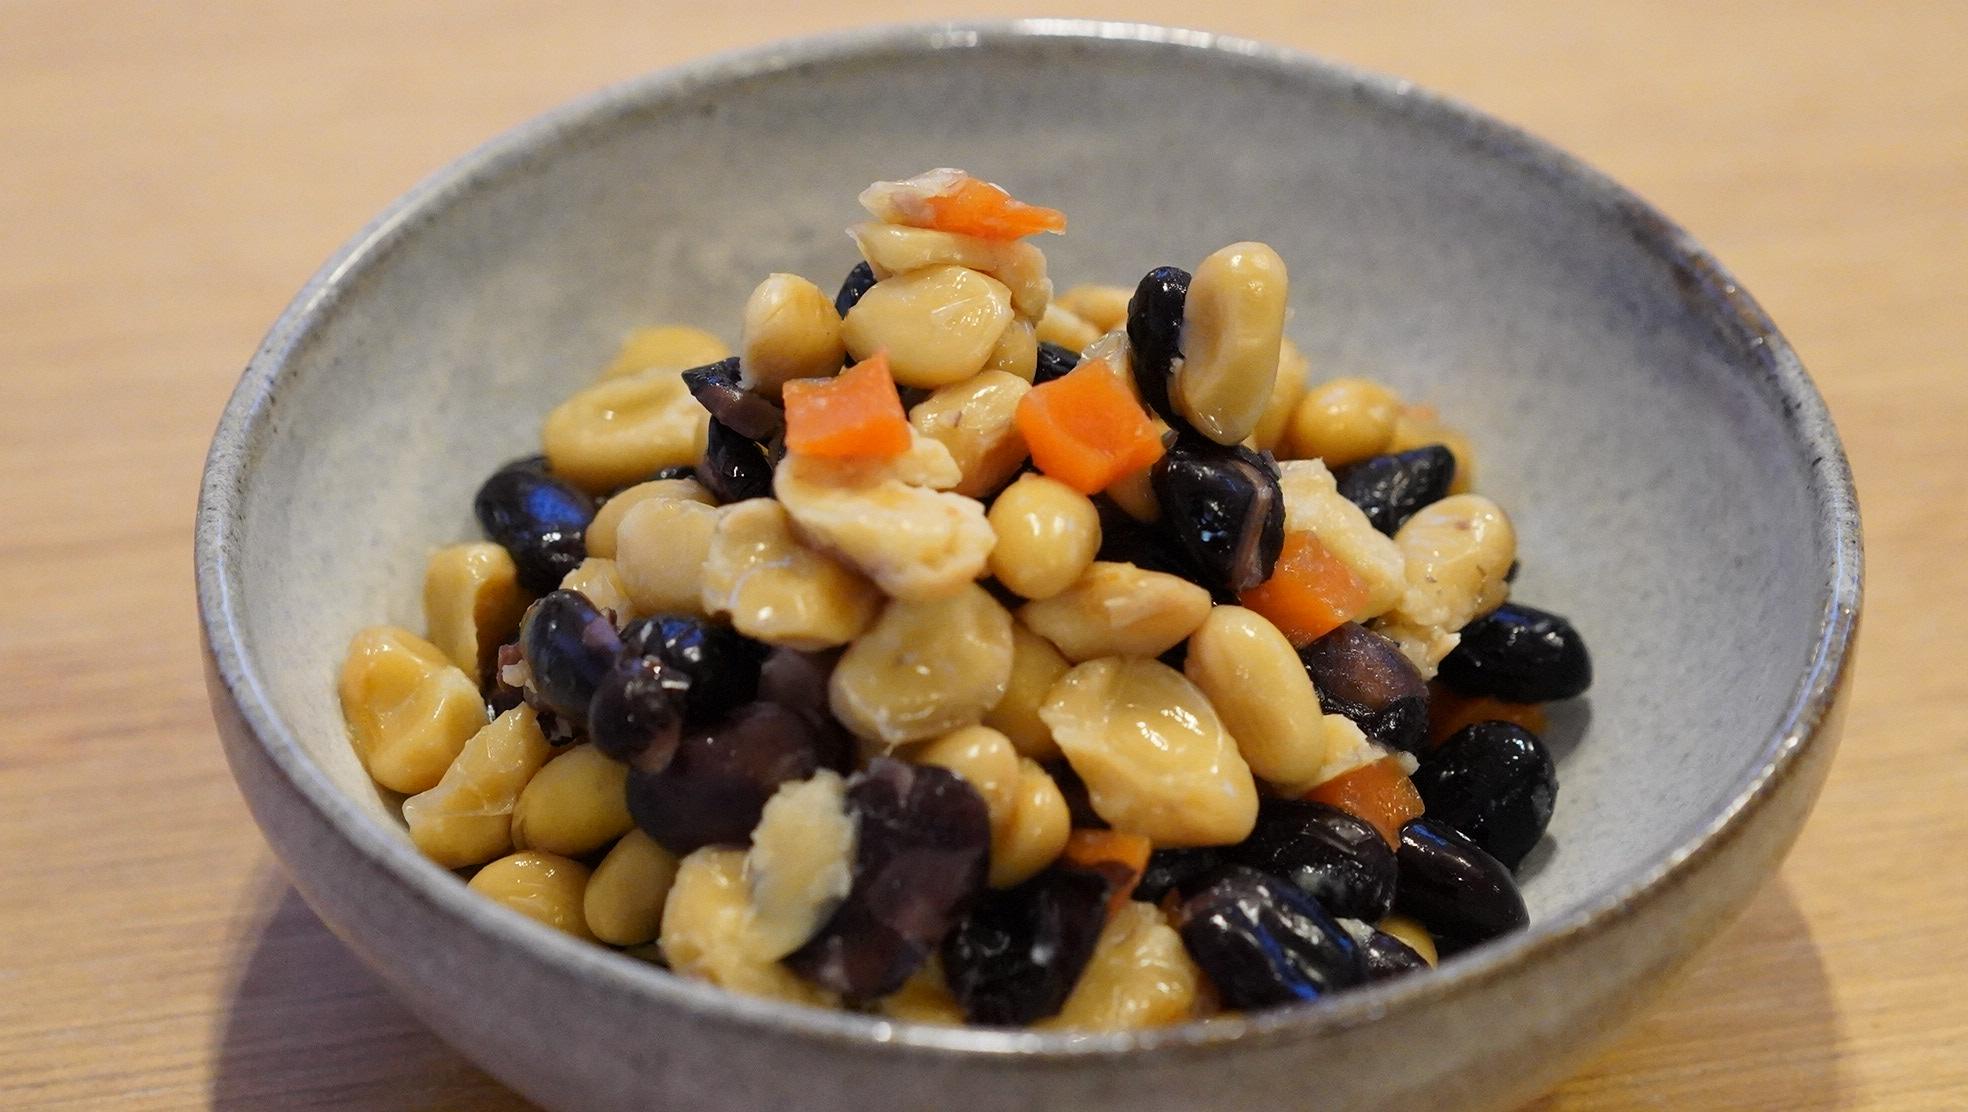 無印良品のおすすめ冷凍食品「丹波黒豆と大豆の煮物」の写真